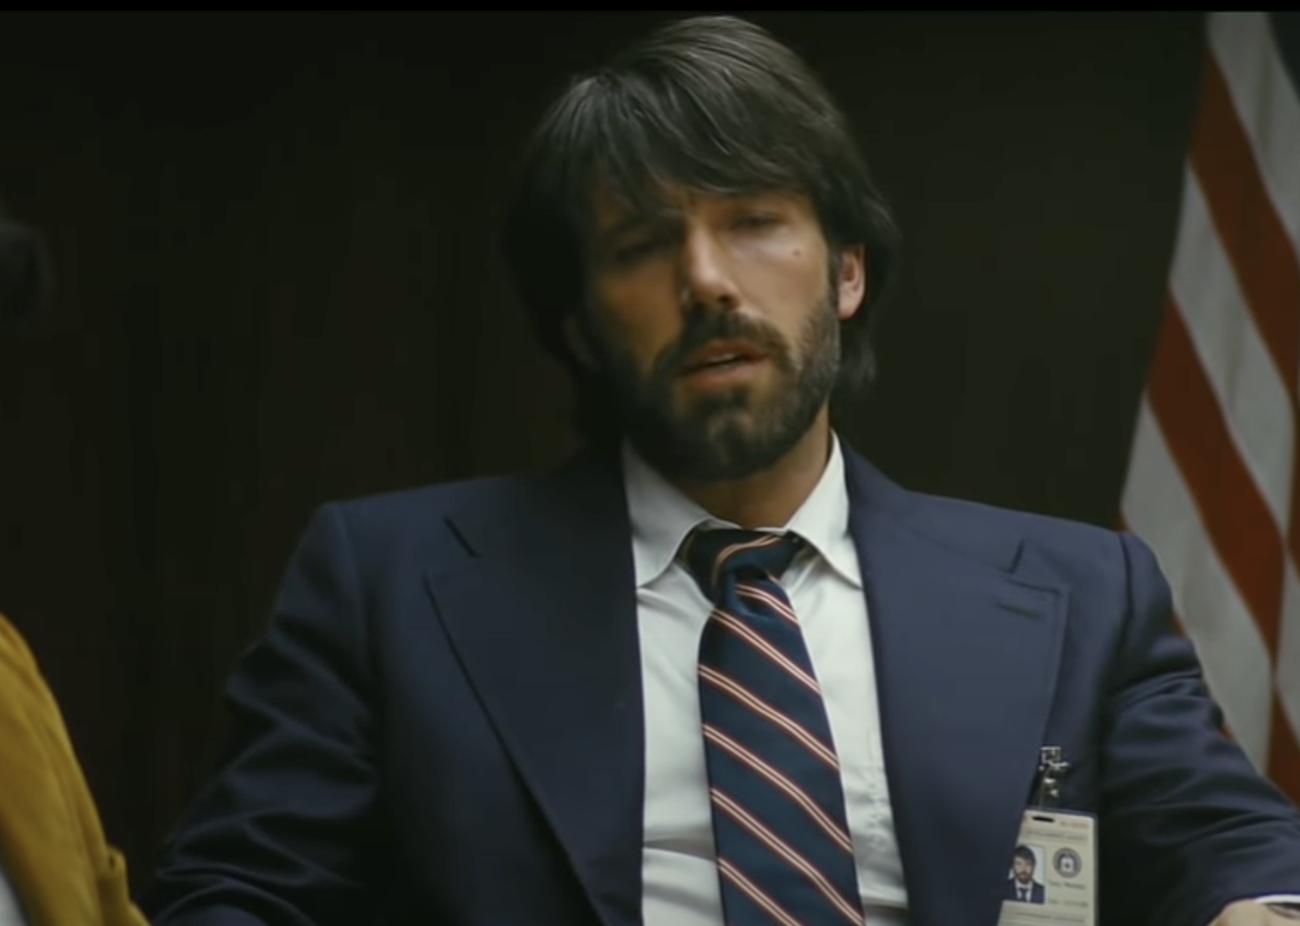 Οι 15 από τις καλύτερες ταινίες κατασκοπείας όλων των εποχών